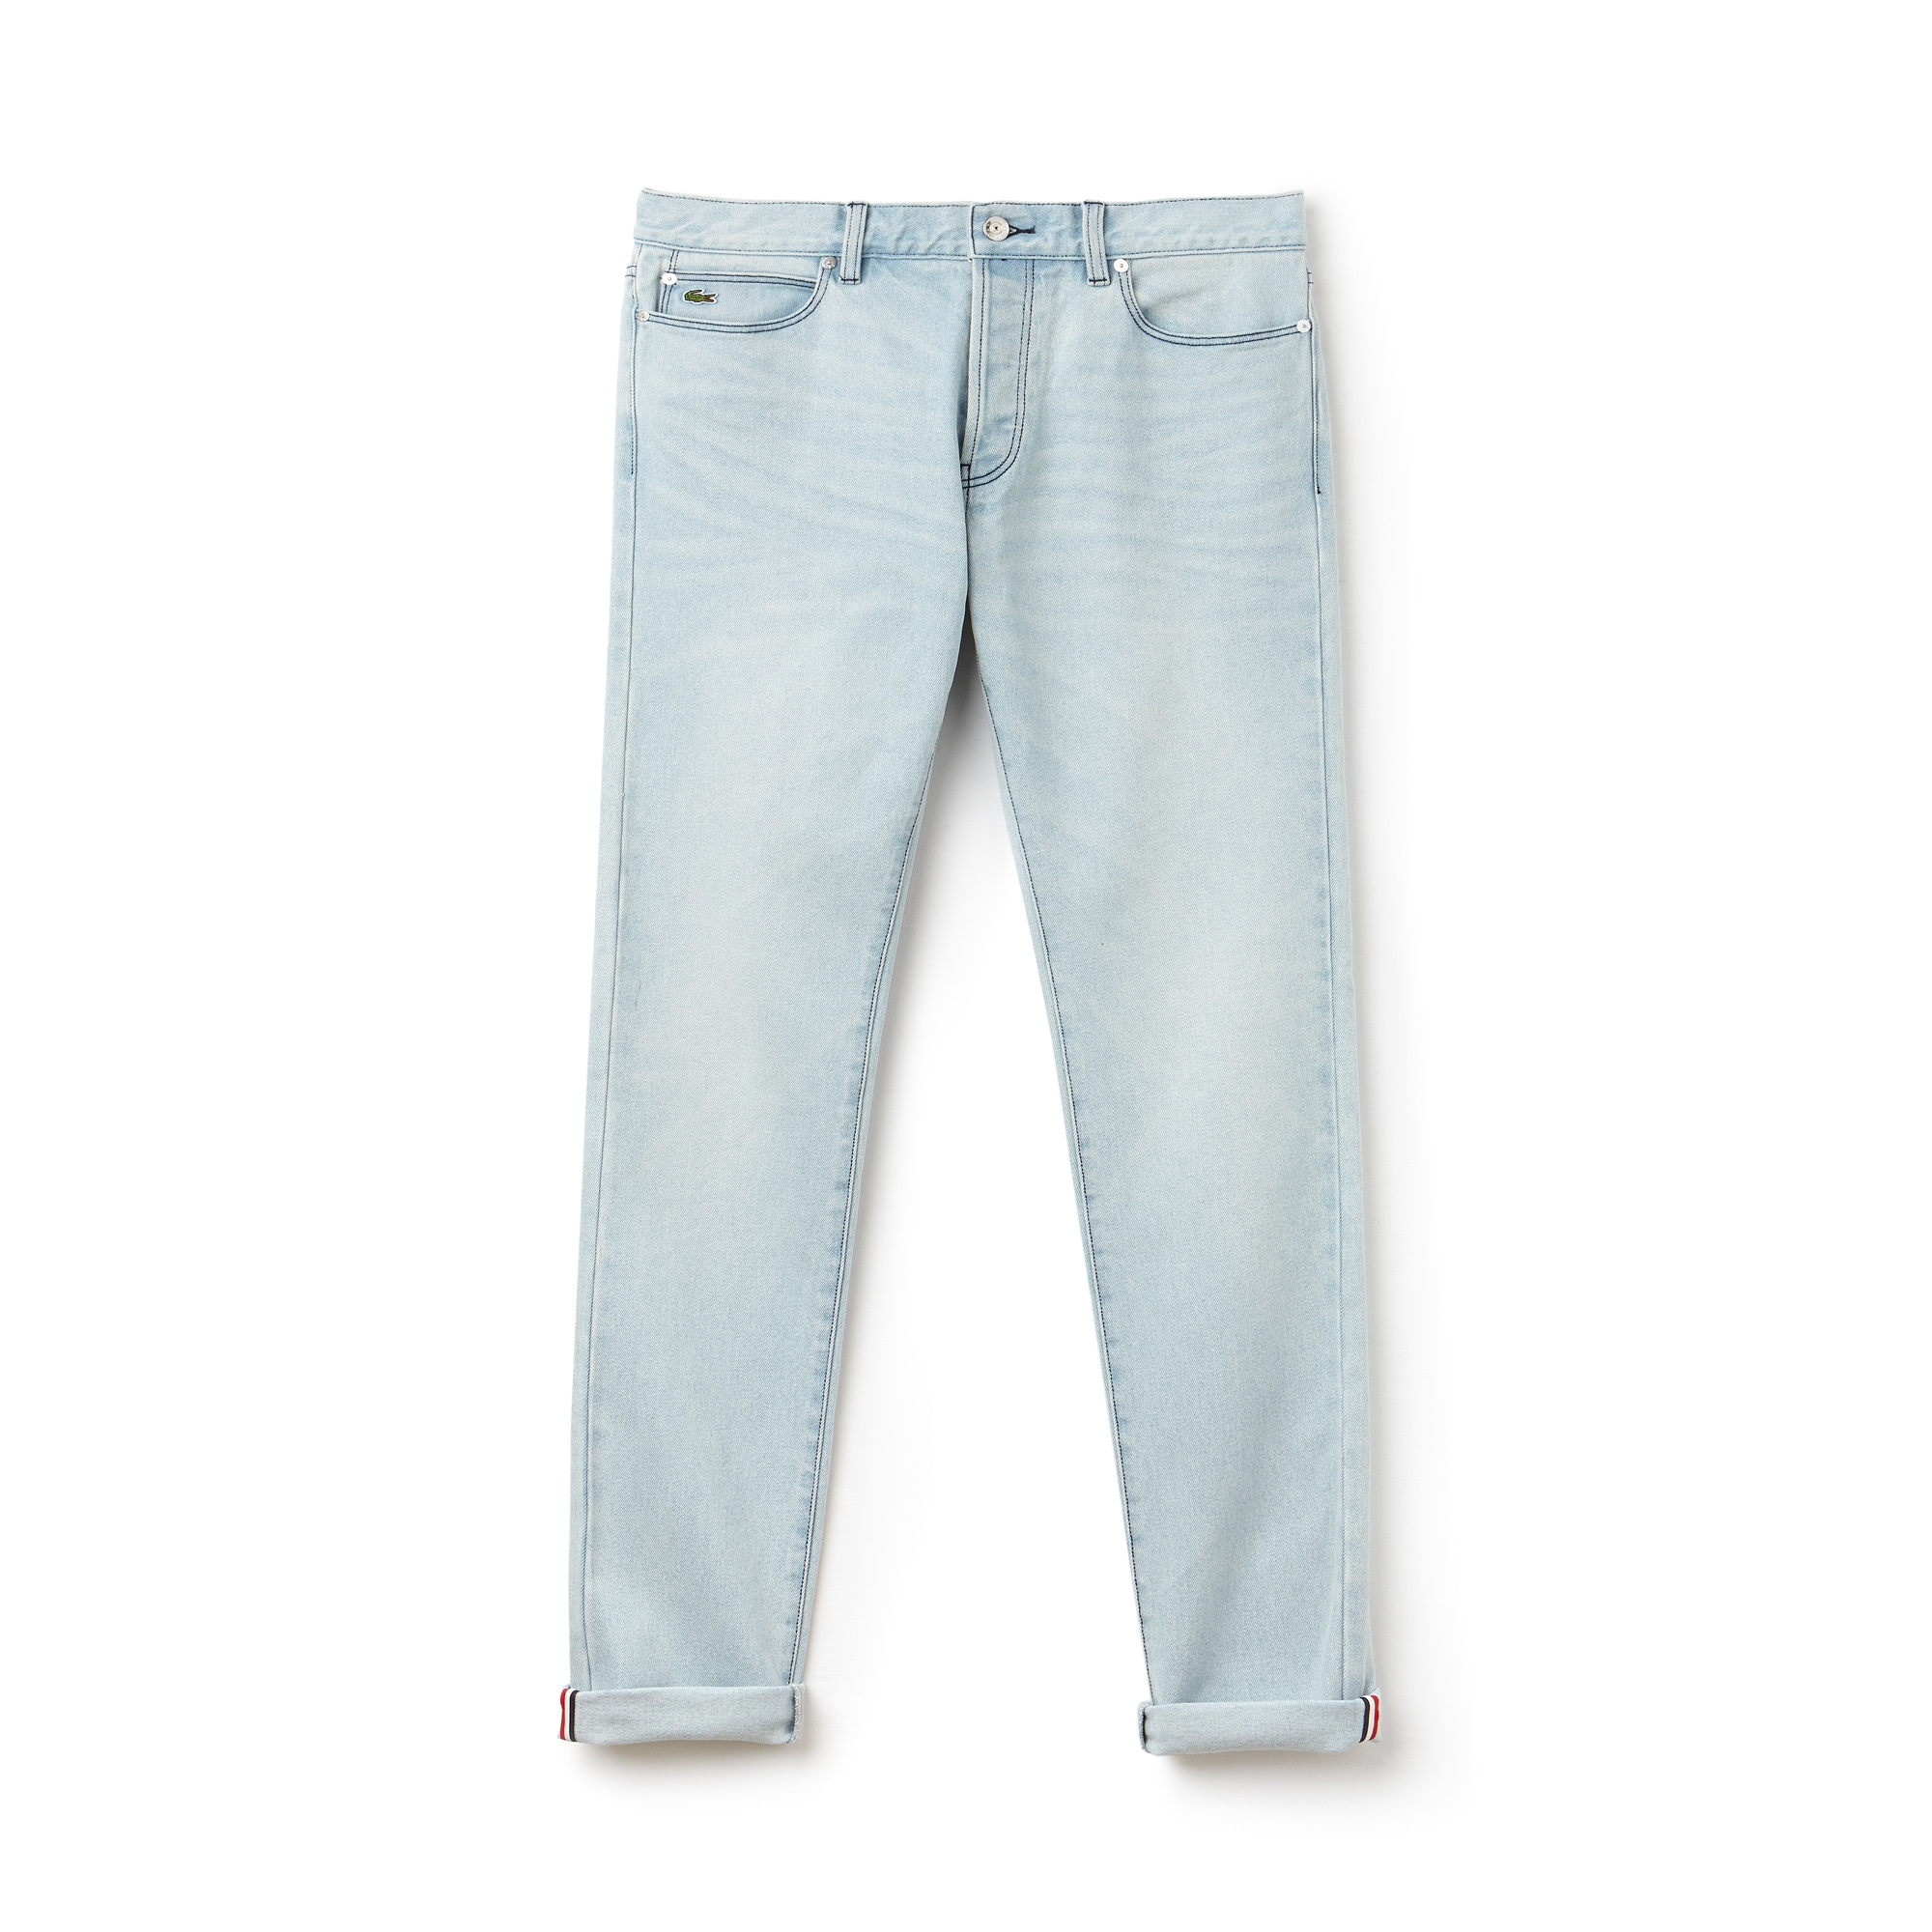 Jean 5 poches Lacoste LIVE en denim stretch avec revers